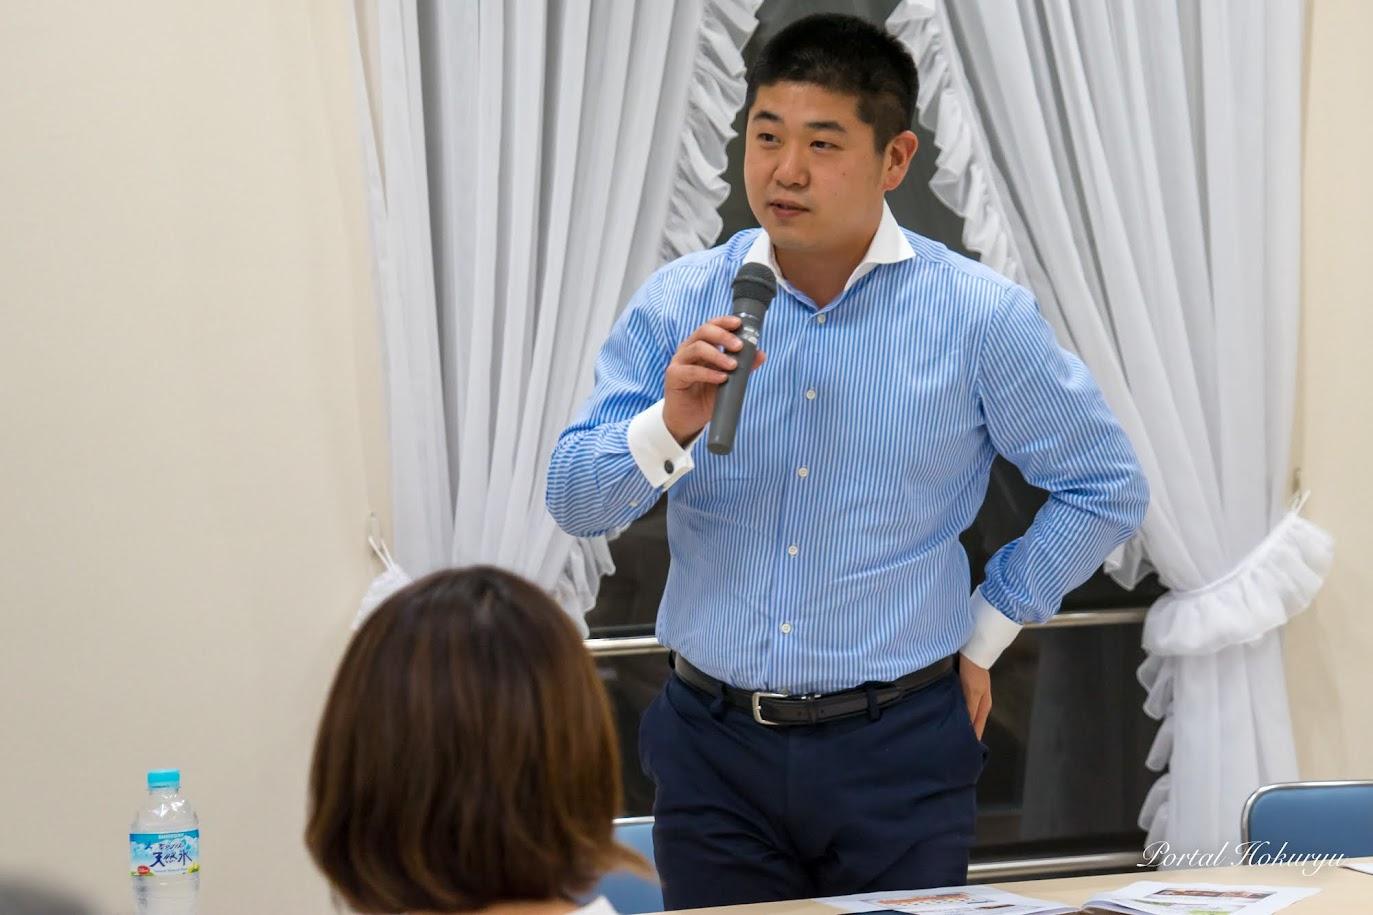 レオス・キャピタルワークス(株)栗岡大介 運用部シニア・アナリスト